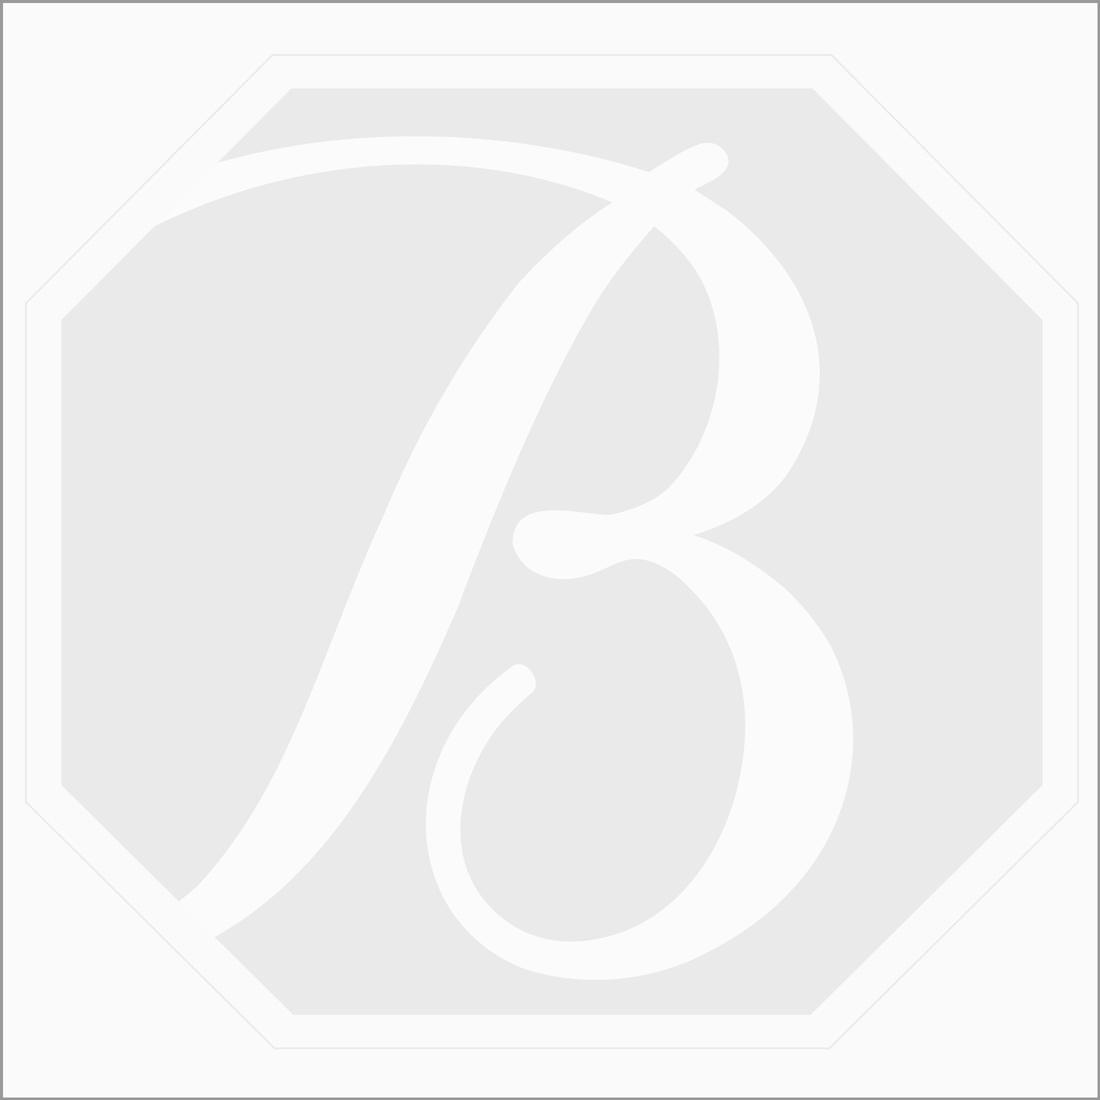 18.80 x 6.80 x 3.80 mm - Dark Brown Pear Shaped Rose Cut Diamond  - 3.98 carats (FncyDiaRC1131)